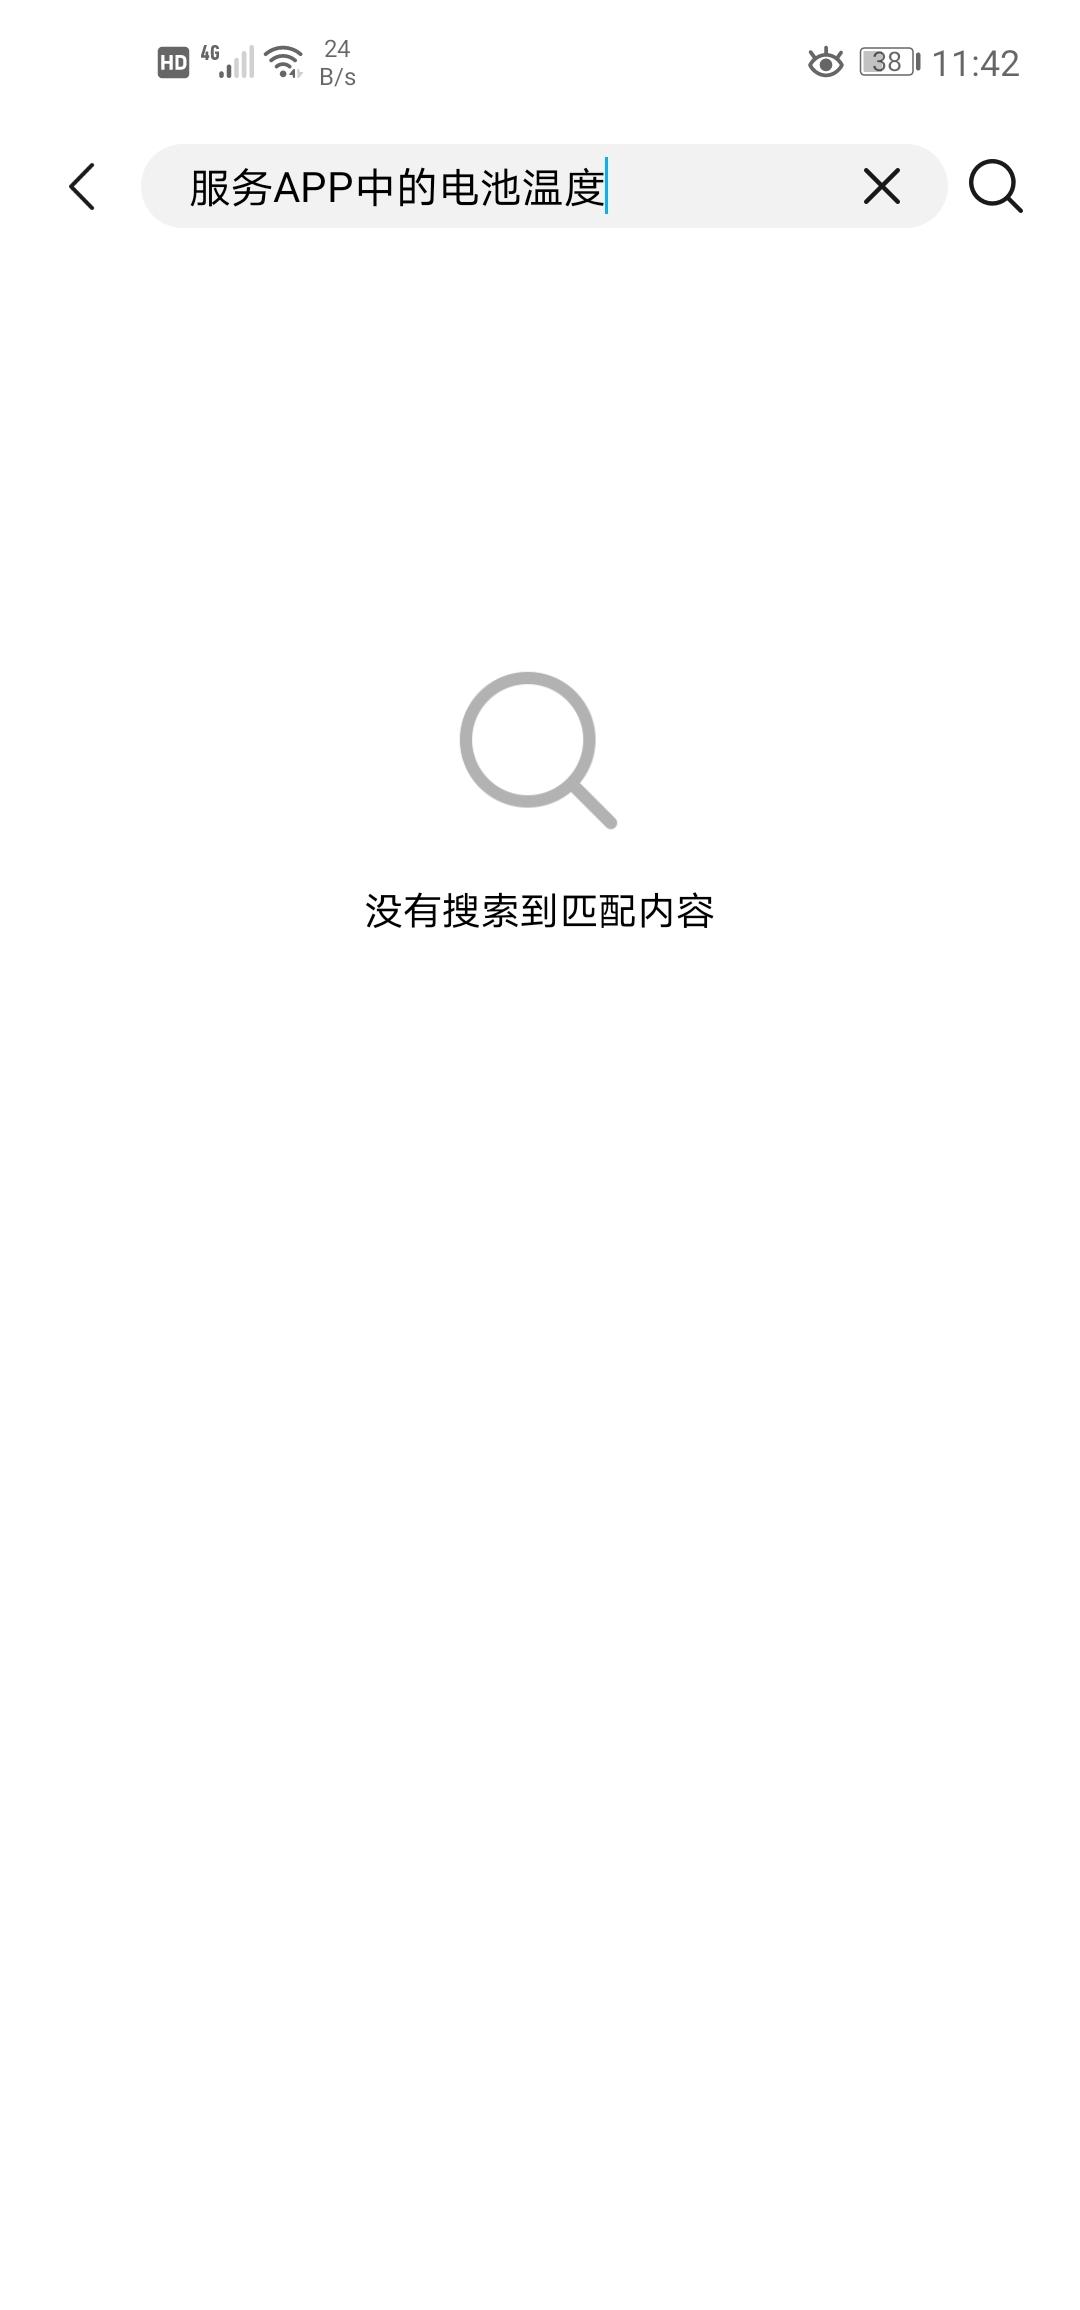 Screenshot_20200510_114211_com.huawei.fans.jpg